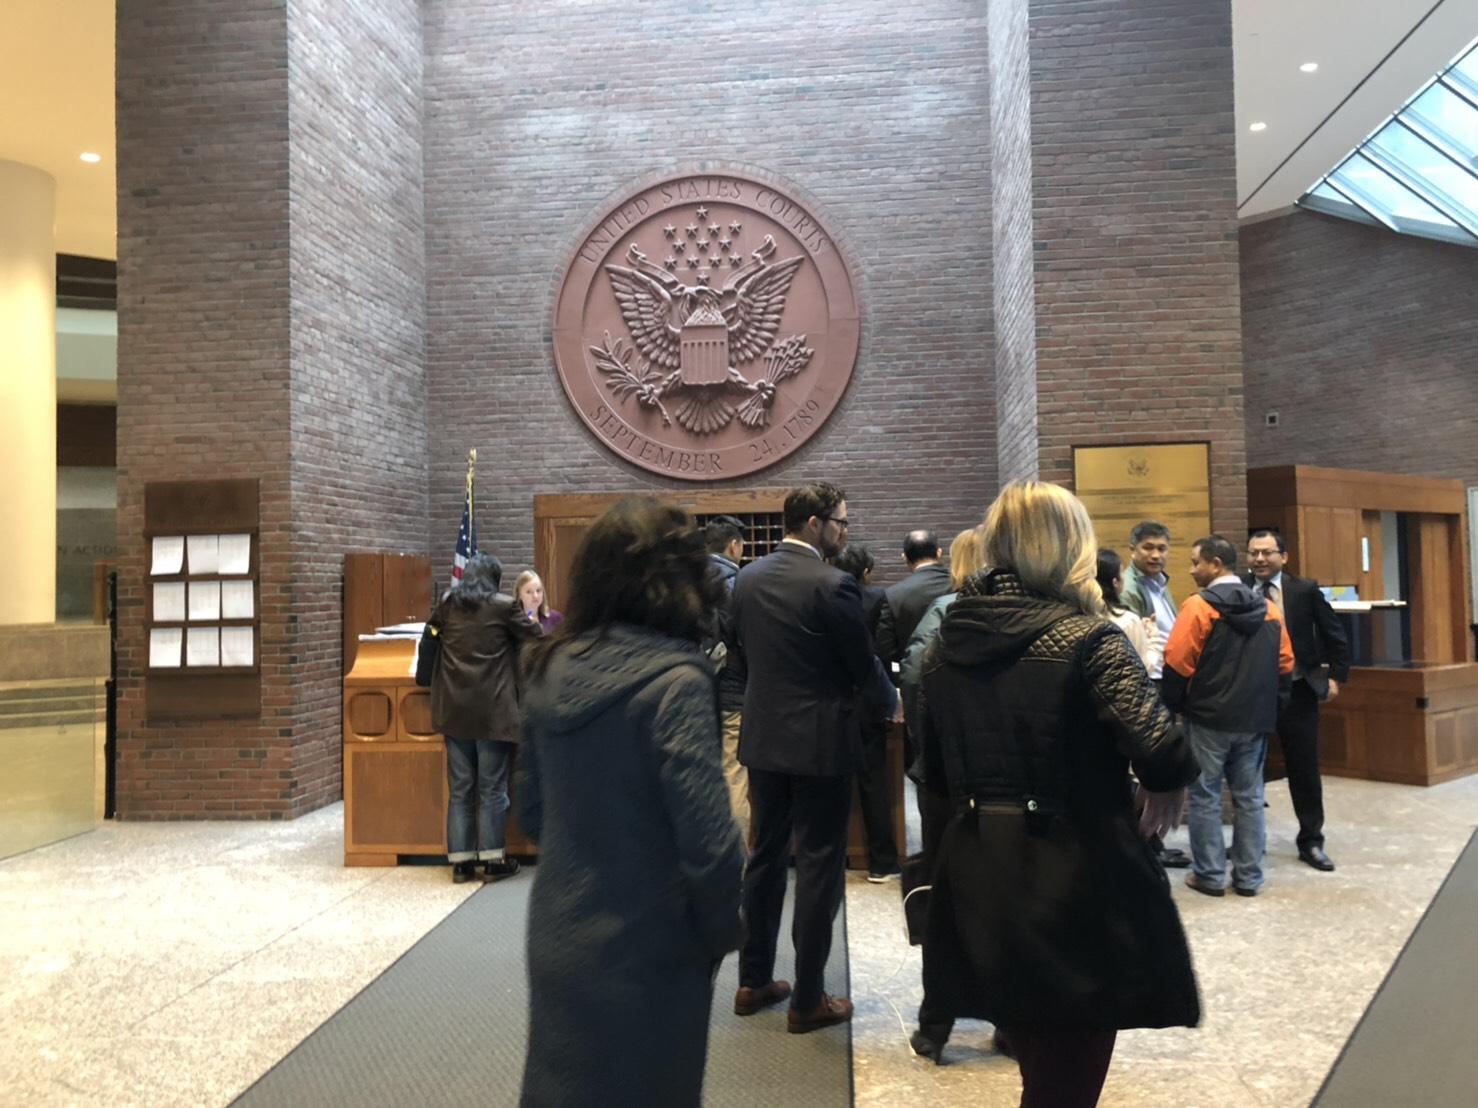 亞裔控告哈佛大學招生歧視一案,15日在波士頓聯邦法院開審。圖為關心此案的華人前來聽審。(記者劉晨懿之/攝影)